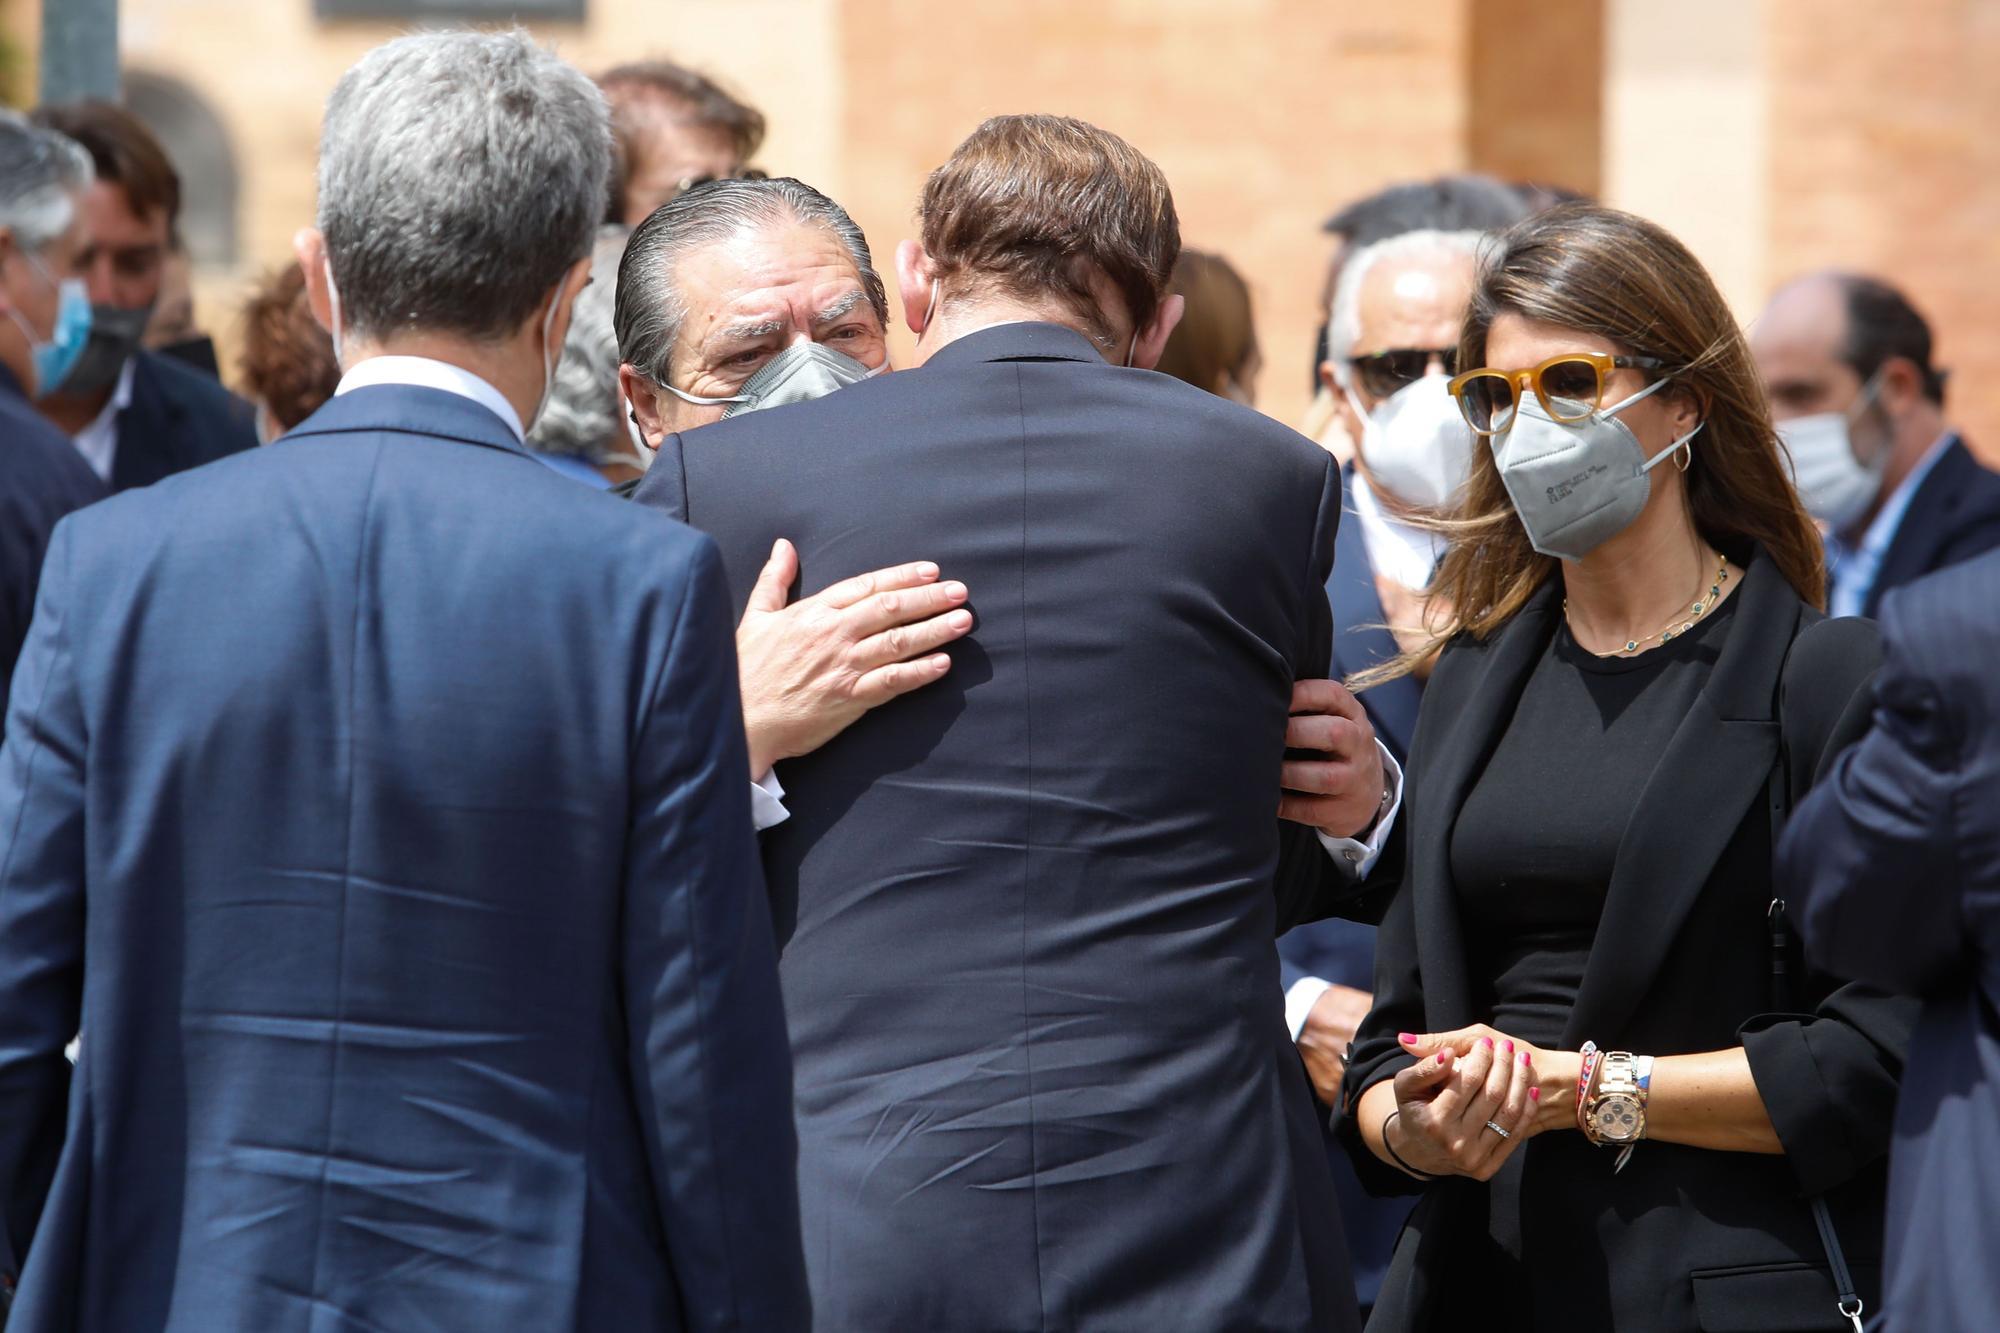 Las imágenes del entierro de Lola Fos de Boluda en el cementerio general de València